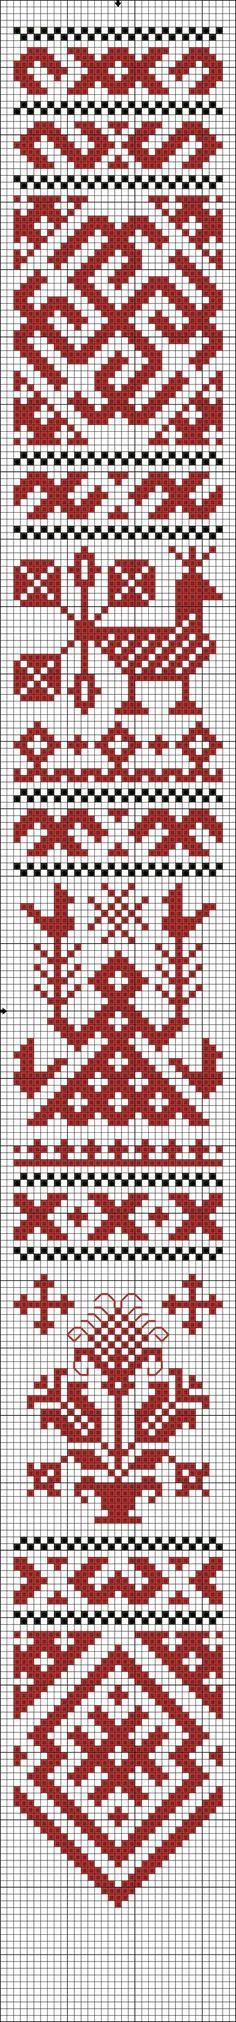 Inkle Weaving, Inkle Loom, Tablet Weaving, Bead Weaving, Cross Stitch Bird, Cross Stitch Borders, Cross Stitch Designs, Cross Stitch Patterns, Knitting Charts